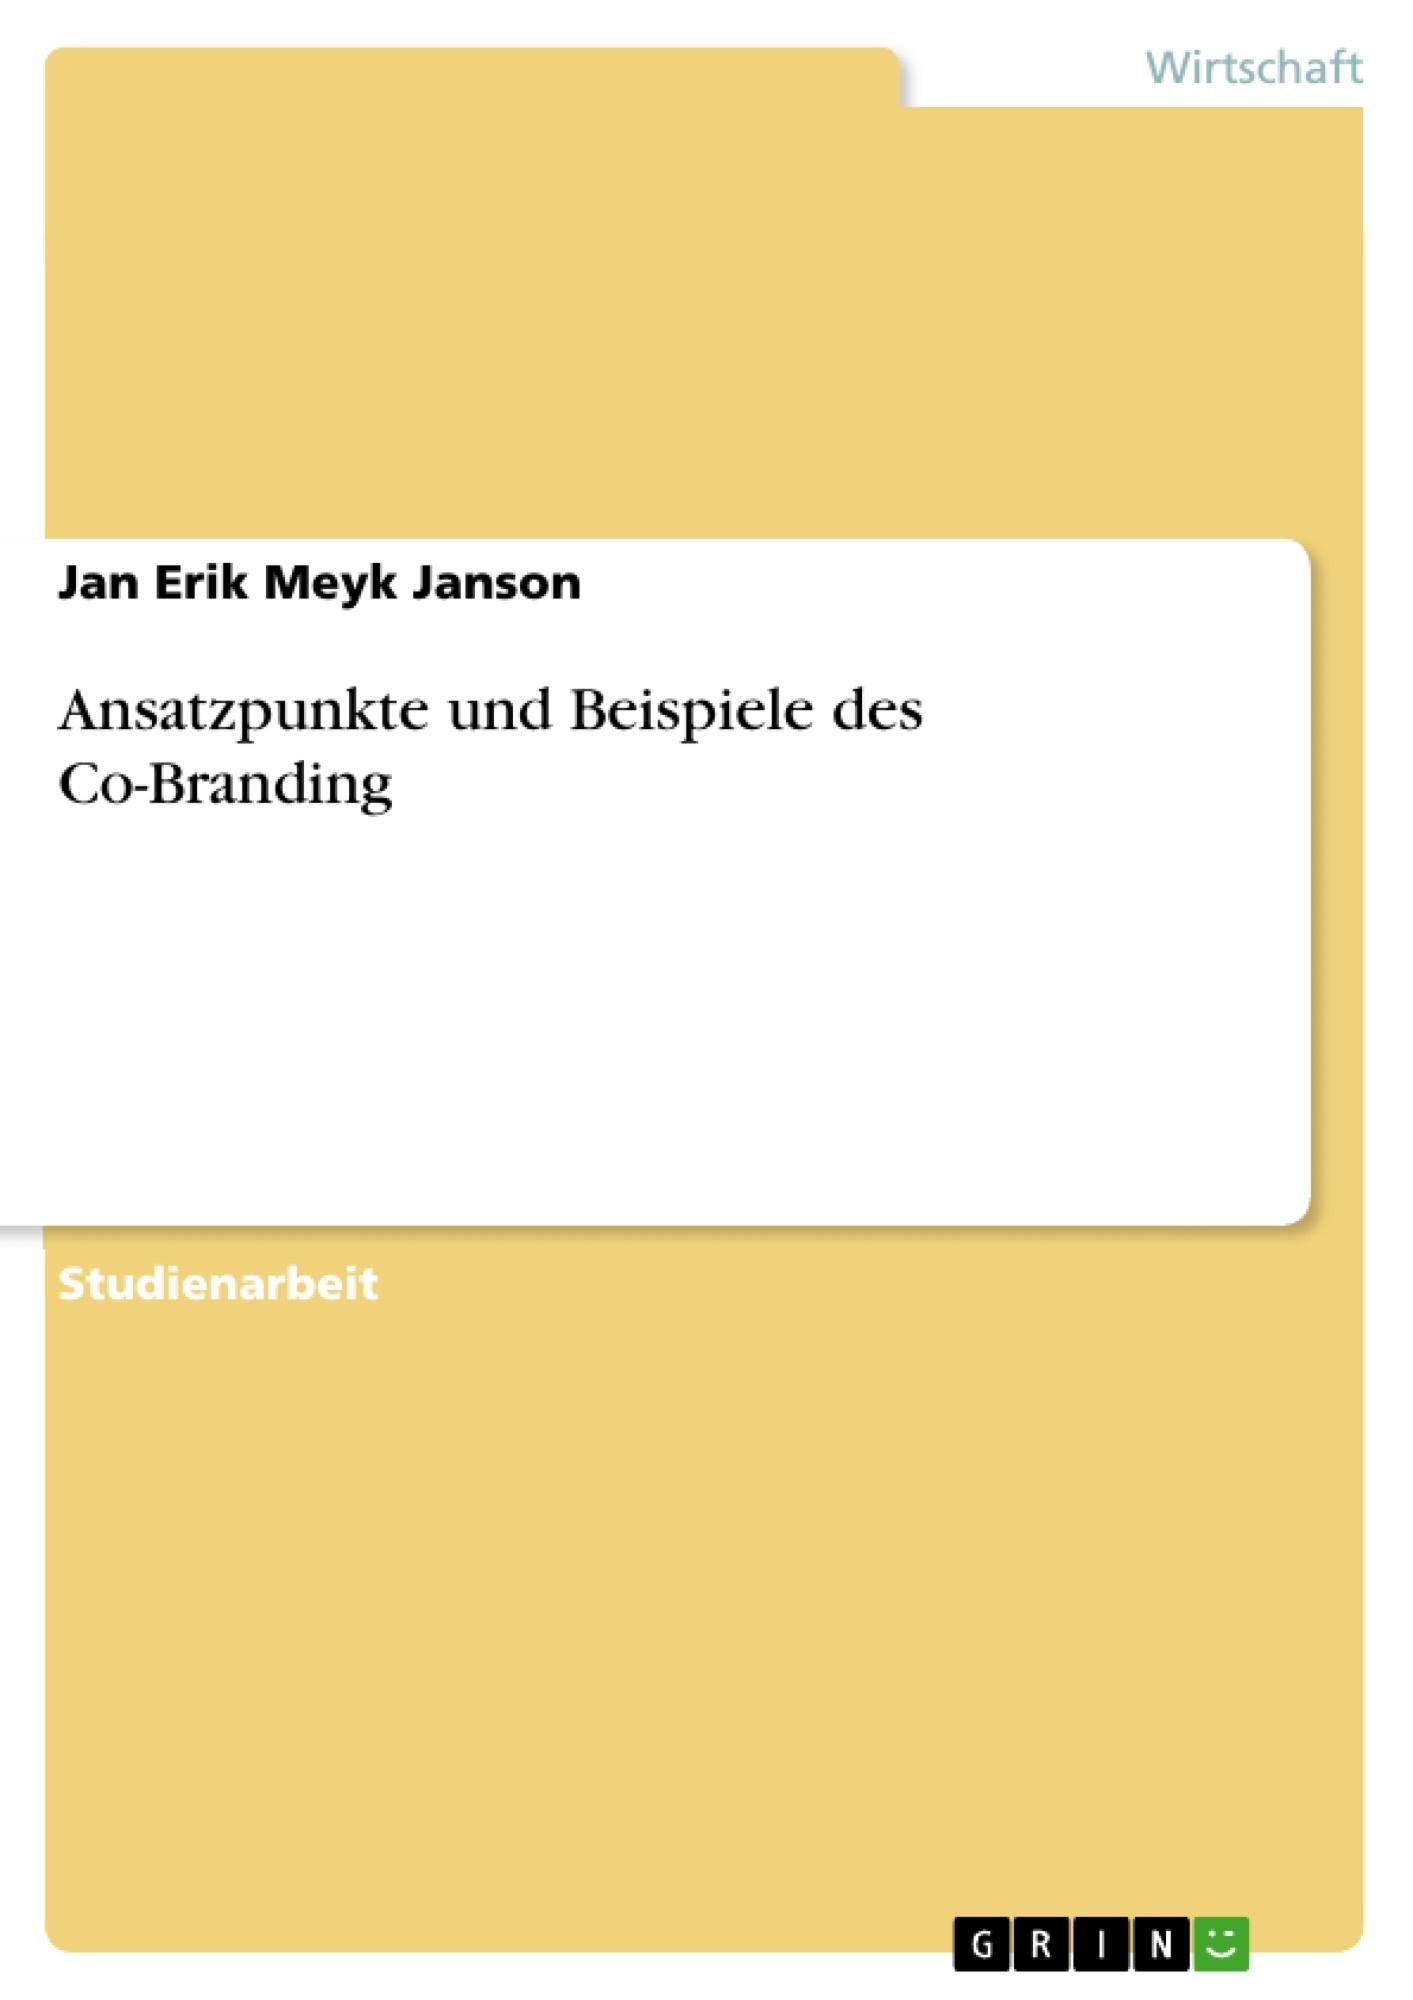 Titel: Ansatzpunkte und Beispiele des Co-Branding